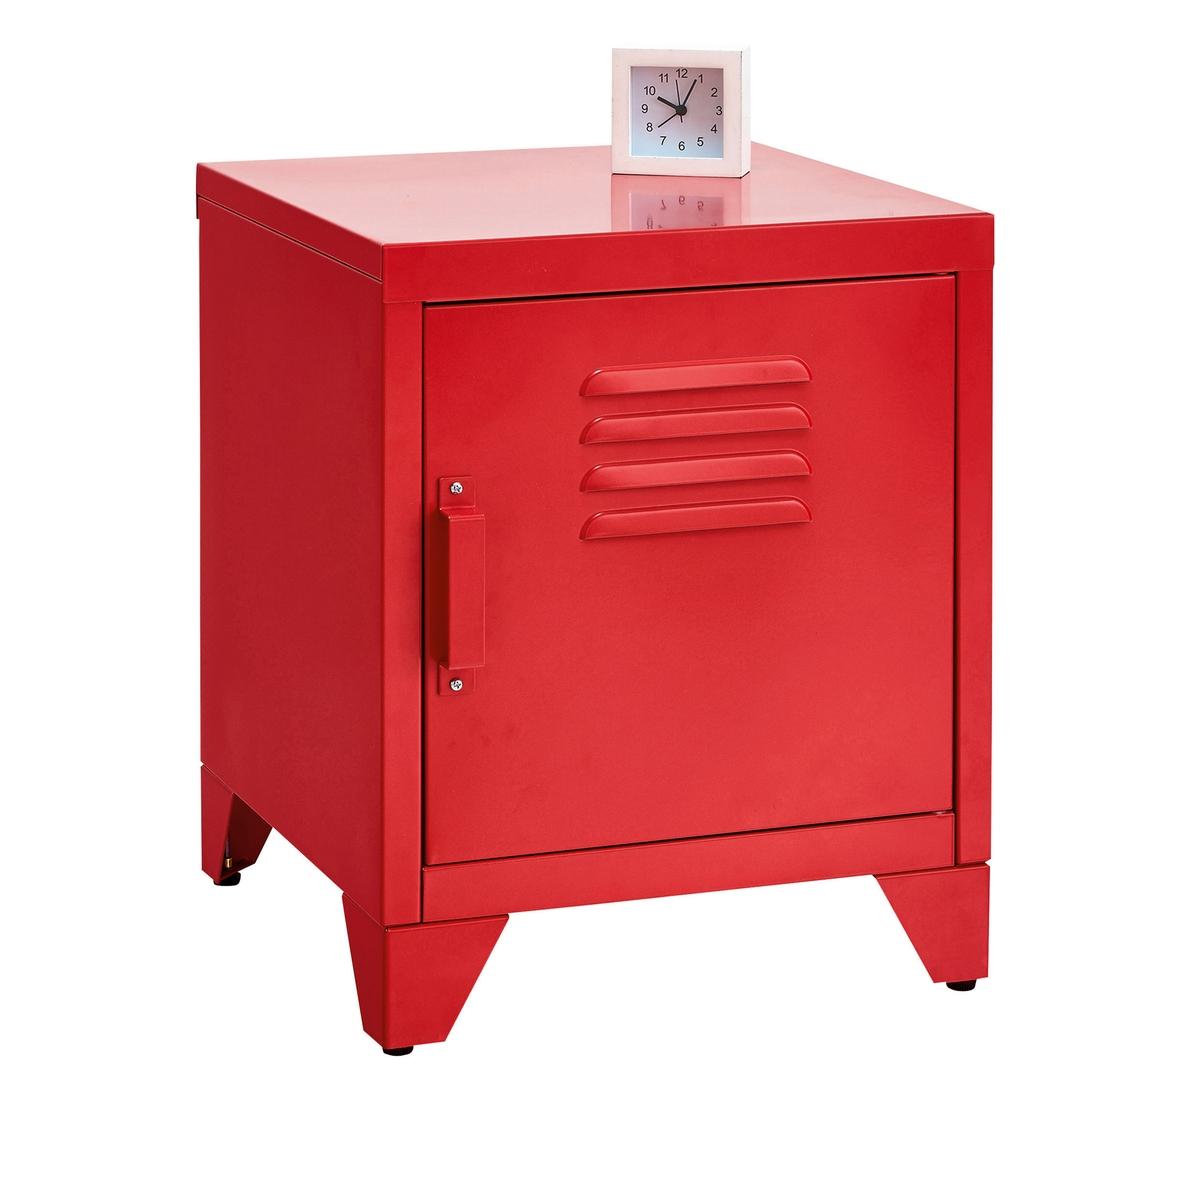 Тумба металлическая  HibaМеталлическая тумба с 1 дверцей  Hiba. Тумба Hiba - вспомогательная мебель, представленная в разной цветовой гамме, в индустриальном стиле .Описание металлической тумбы Hiba :1 дверца.1 съемная полка внутри .Характеристики :Металл с эпоксидным покрытием.Всю коллекцию Hiba вы можете найти на сайте laredoute.ru.Размеры :Общие размеры :Ширина : 40 смВысота : 50 см.Глубина : 40 смНастенная полка : 35,6 x 39,7 смНожки : Выс 8,5 смРазмеры и вес упаковки :1 упаковка49 x 23 x 46,5 см9,7 кг Доставка:Поставляется в разобранном виде.  !Возможна доставка до двери при предварительной договоренности. Внимание!  Убедитесь, что товар возможно доставить, учитывая его габариты  (проходит в дверные проемы, лифты, по лестницам).<br><br>Цвет: антрацит,белый,красный